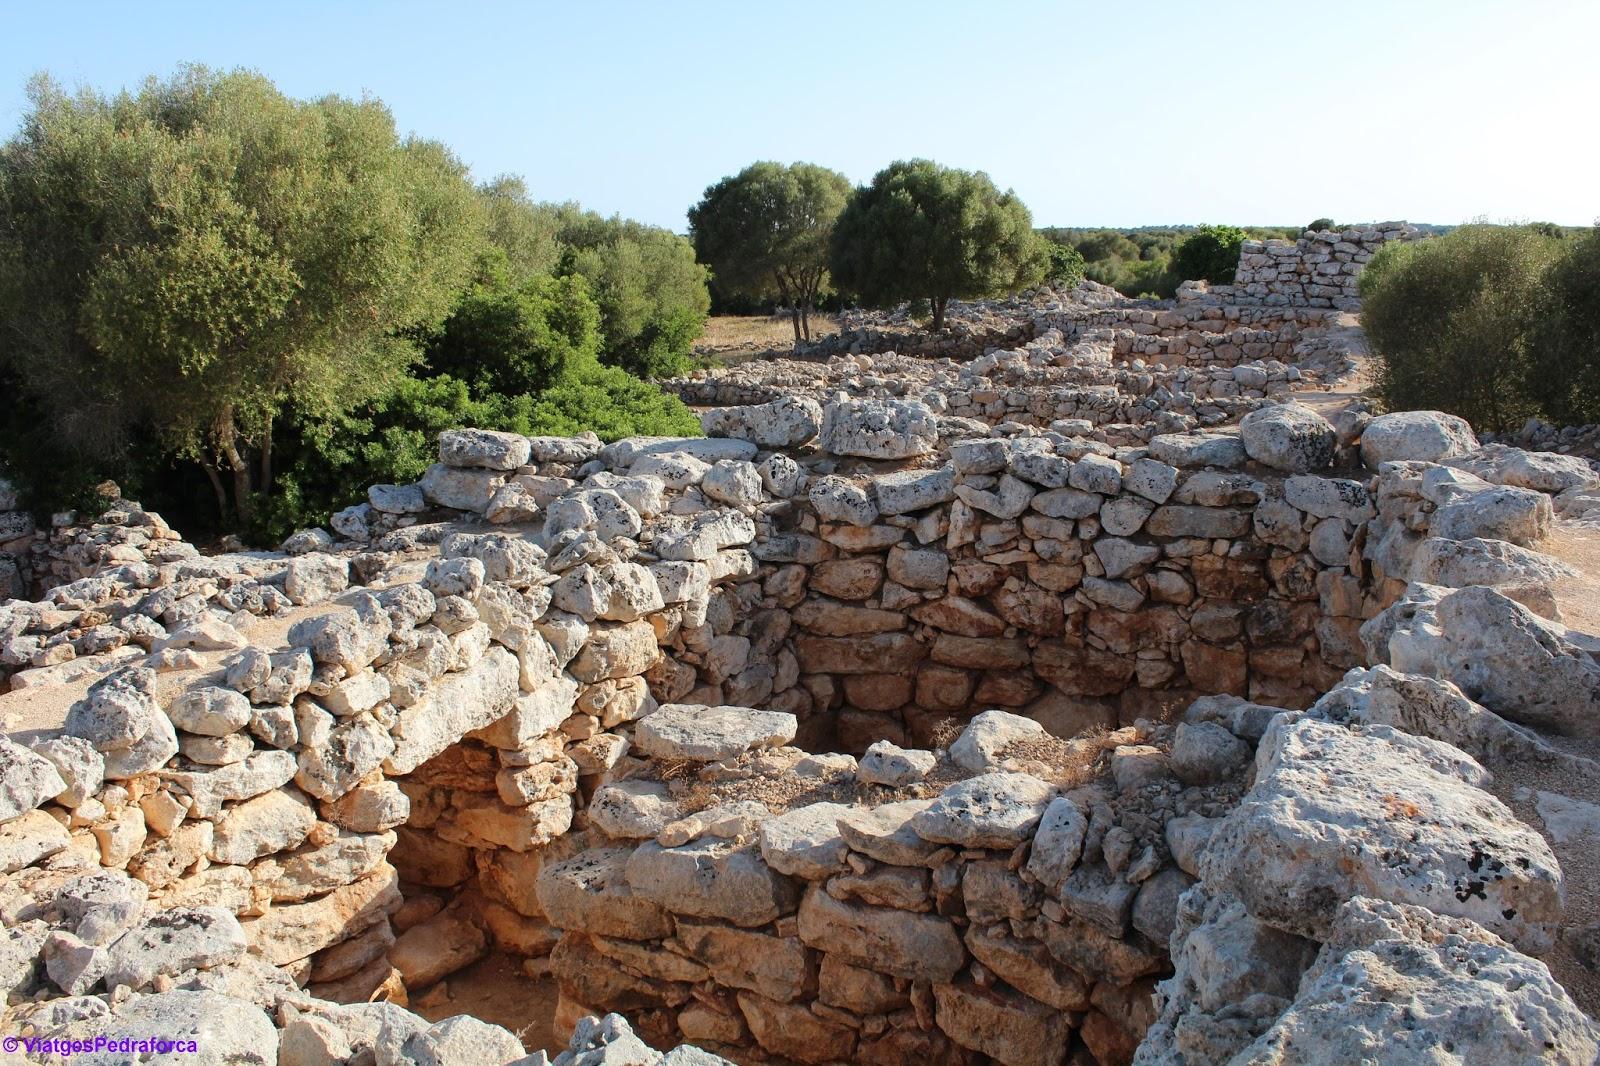 Mallorca arqueològica, turisme de sol i platja, Balears, Països Catalans